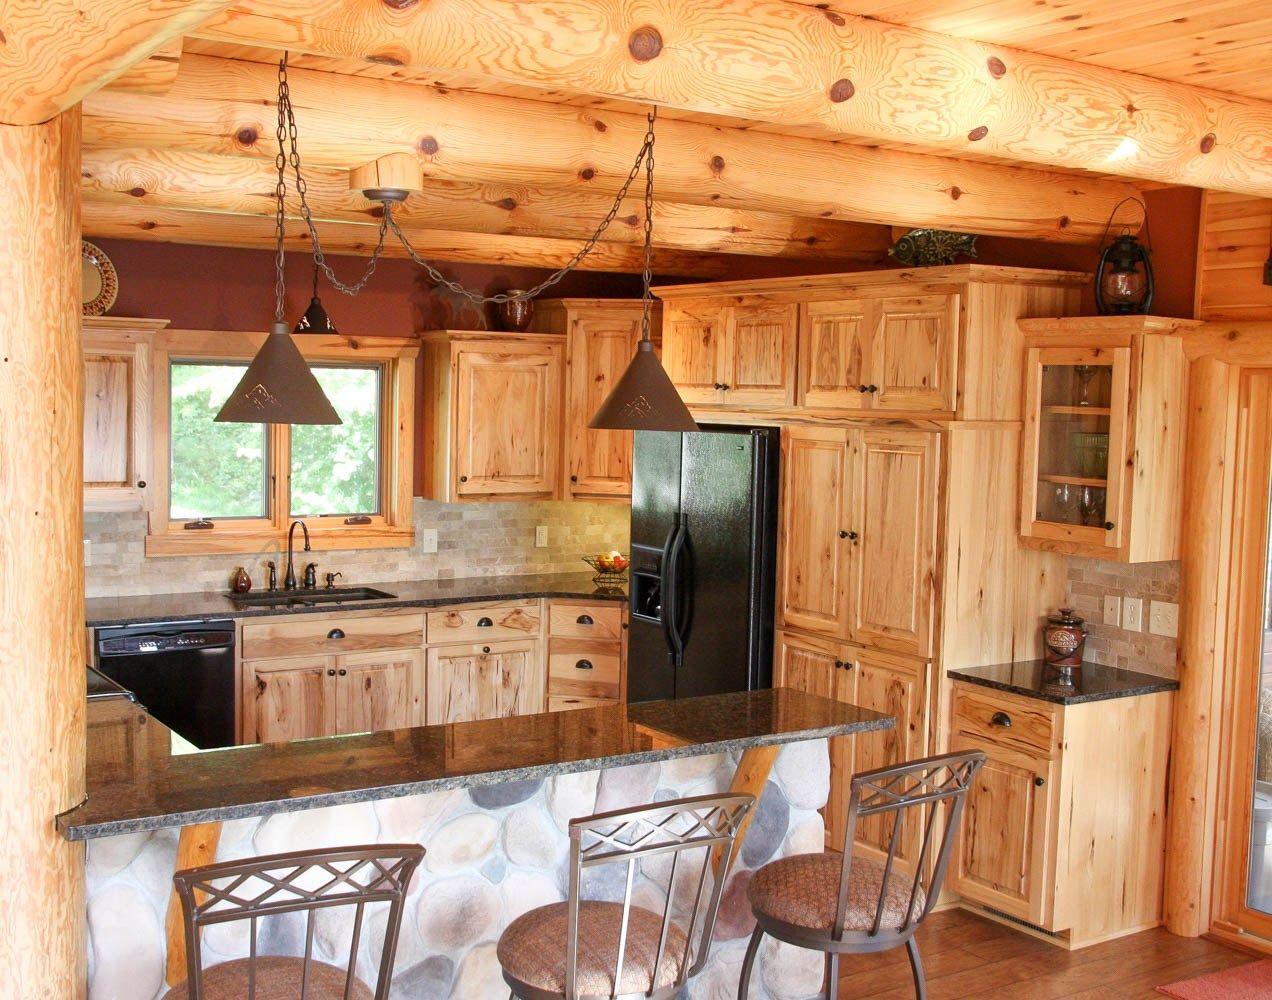 14 Log Cabin Kitchen Backsplash Ideas Images Log Home Kitchens Rustic Kitchen Design Home Kitchens